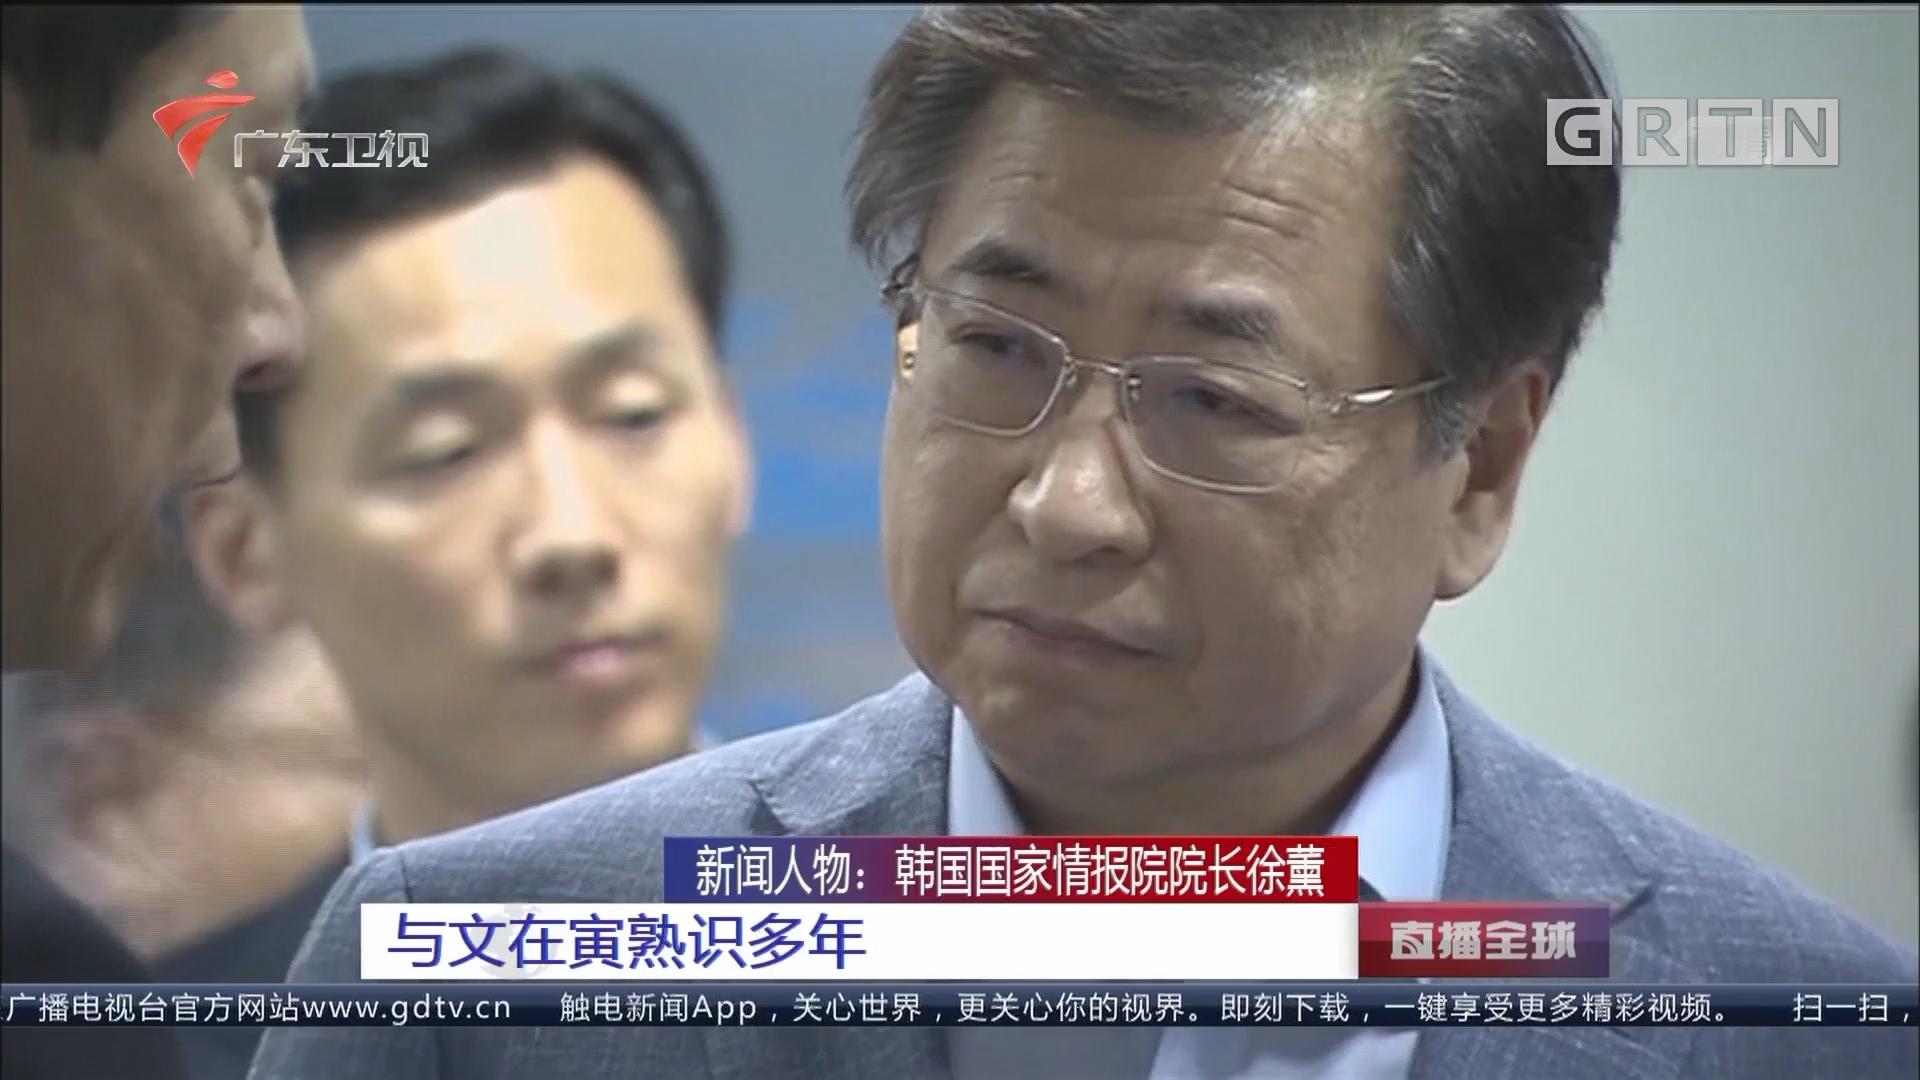 新闻人物:韩国国家情报院院长徐薰 与文在寅熟识多年